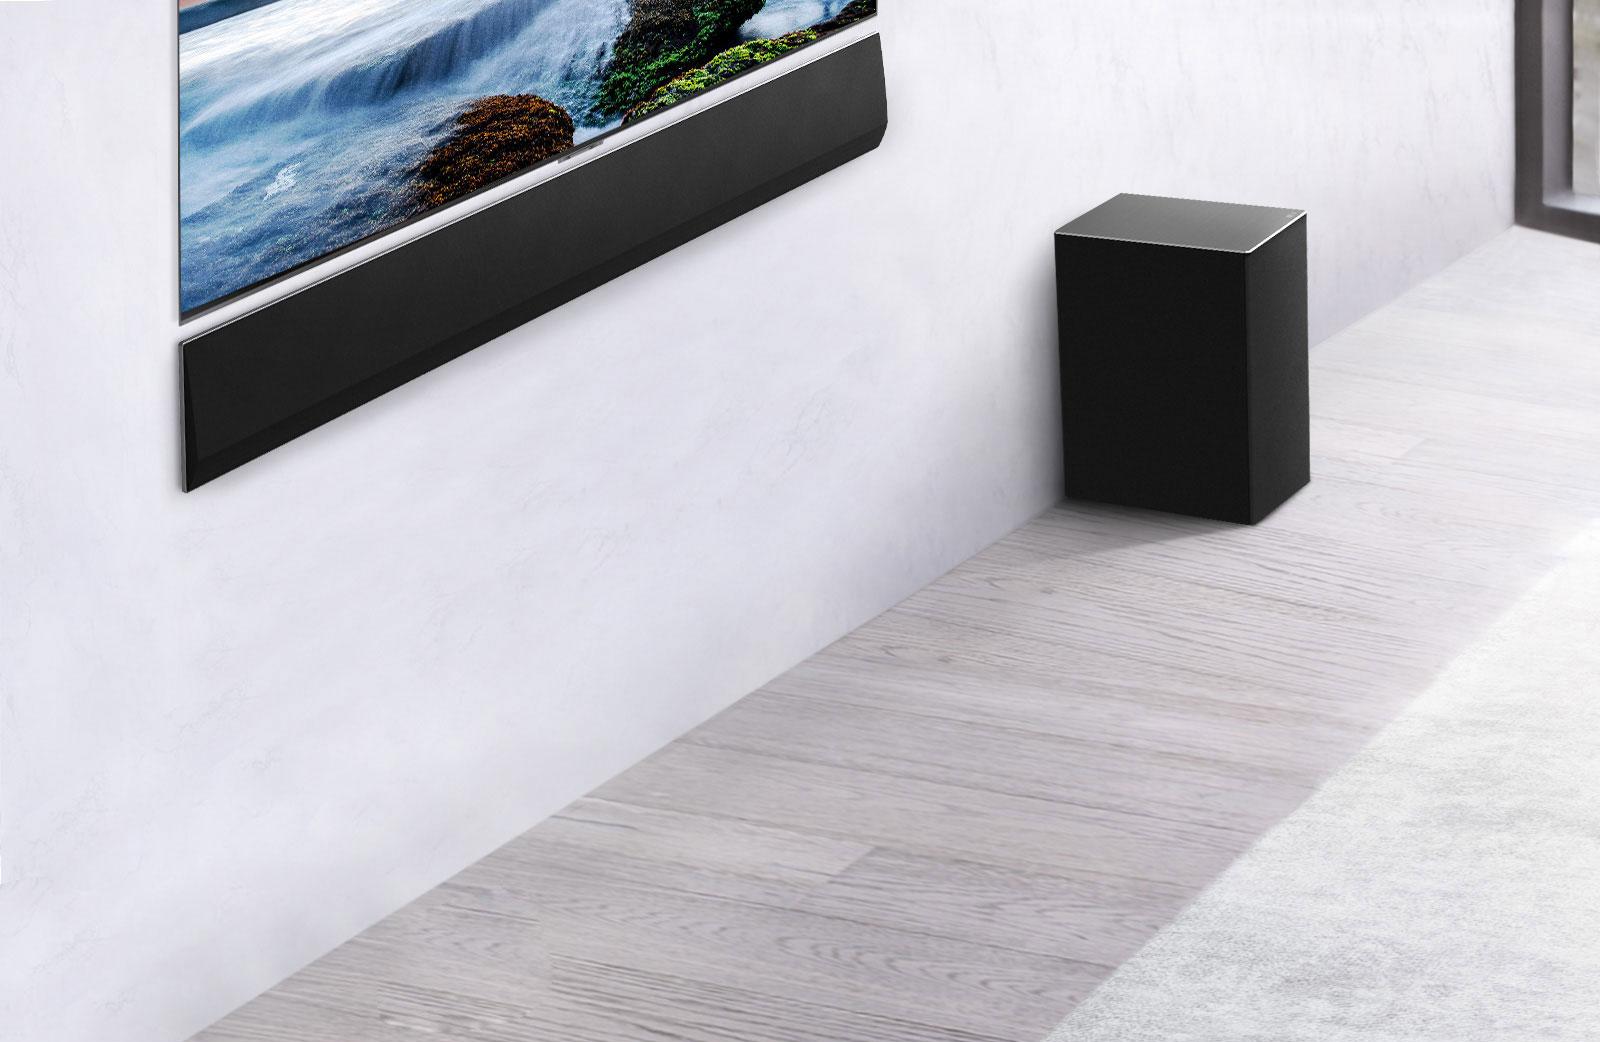 Televizor in LG Soundbar sta nameščena na steno z nizkotoncem spodaj in desno.  Televizija prikazuje sončni zahod na morju.